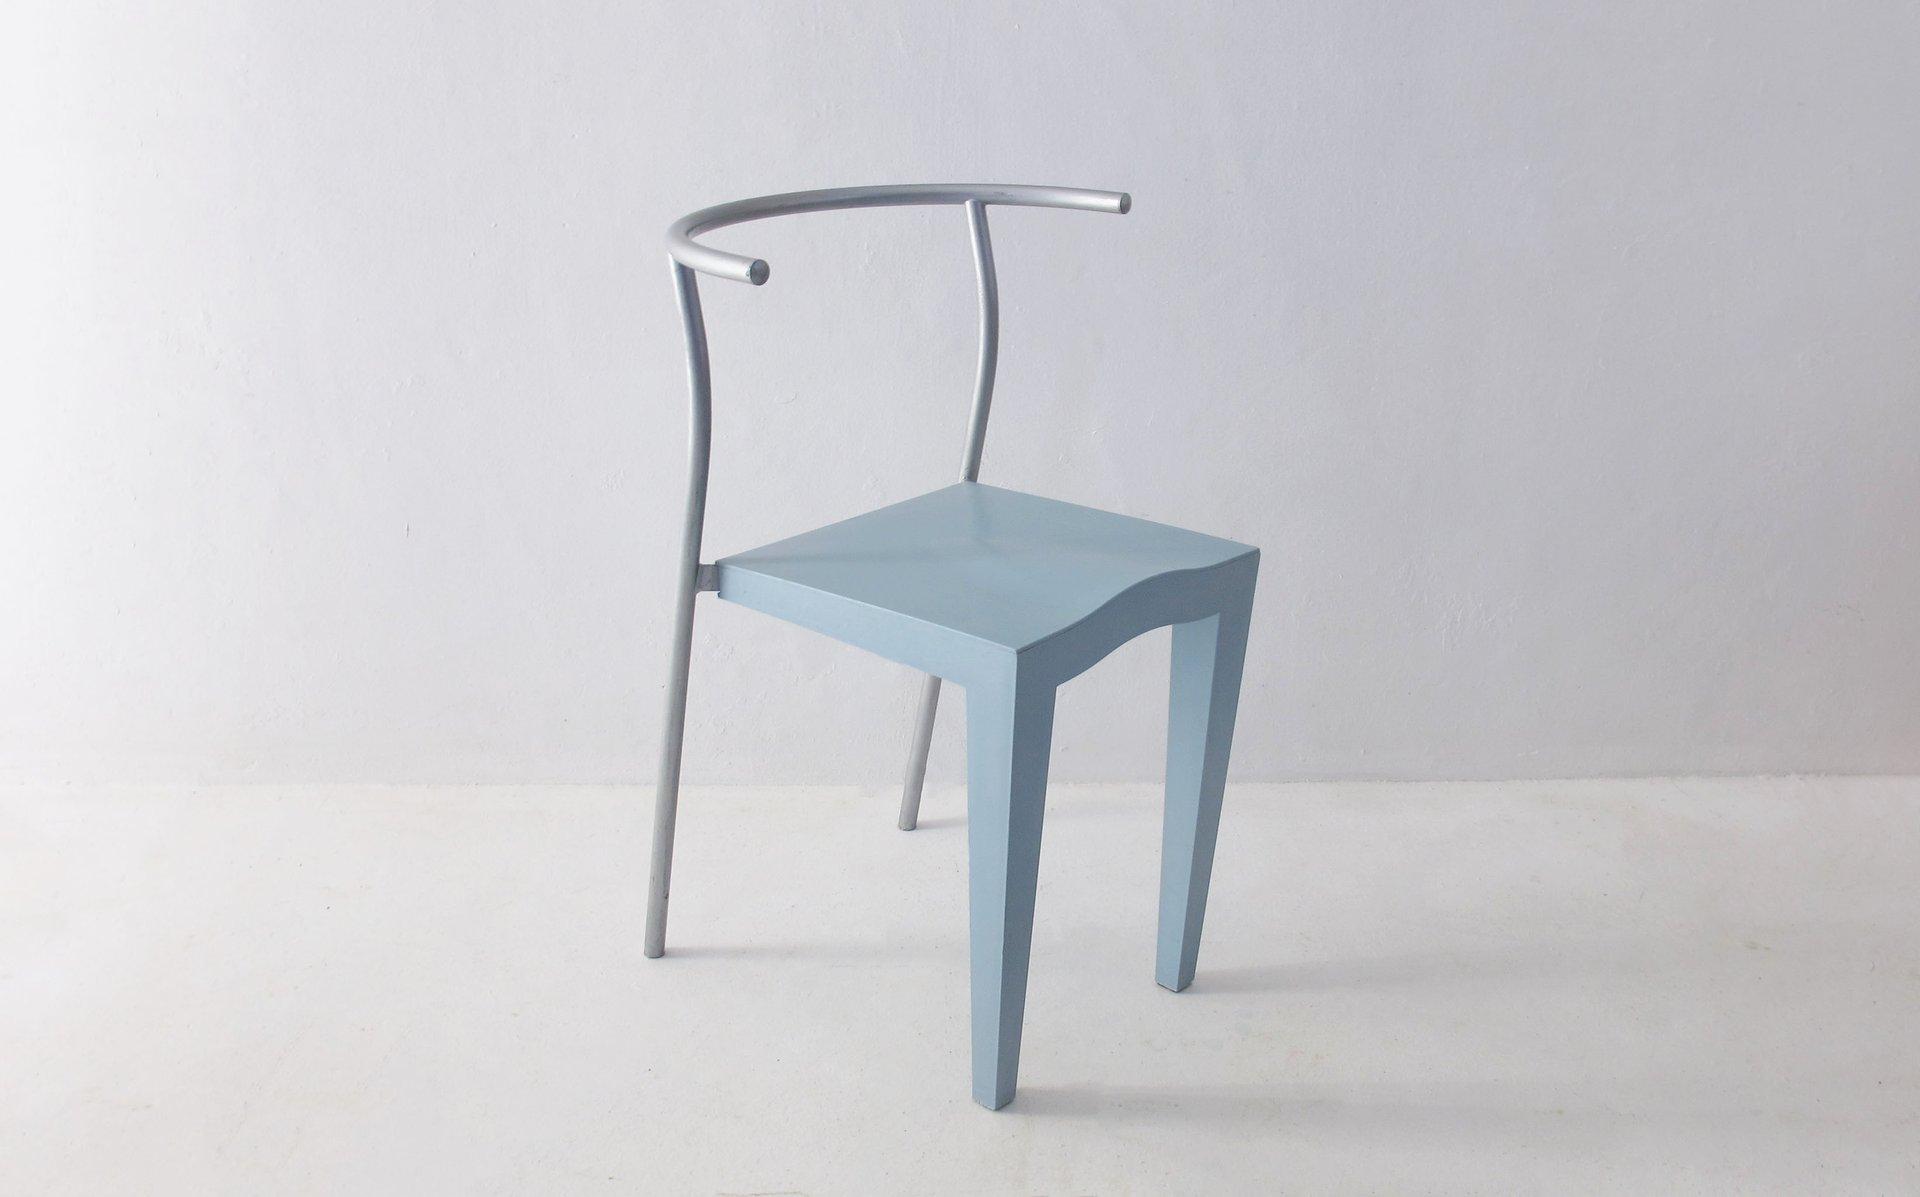 Französische Vintage Stühle von Philippe Starck für Kartell, 1980er ...